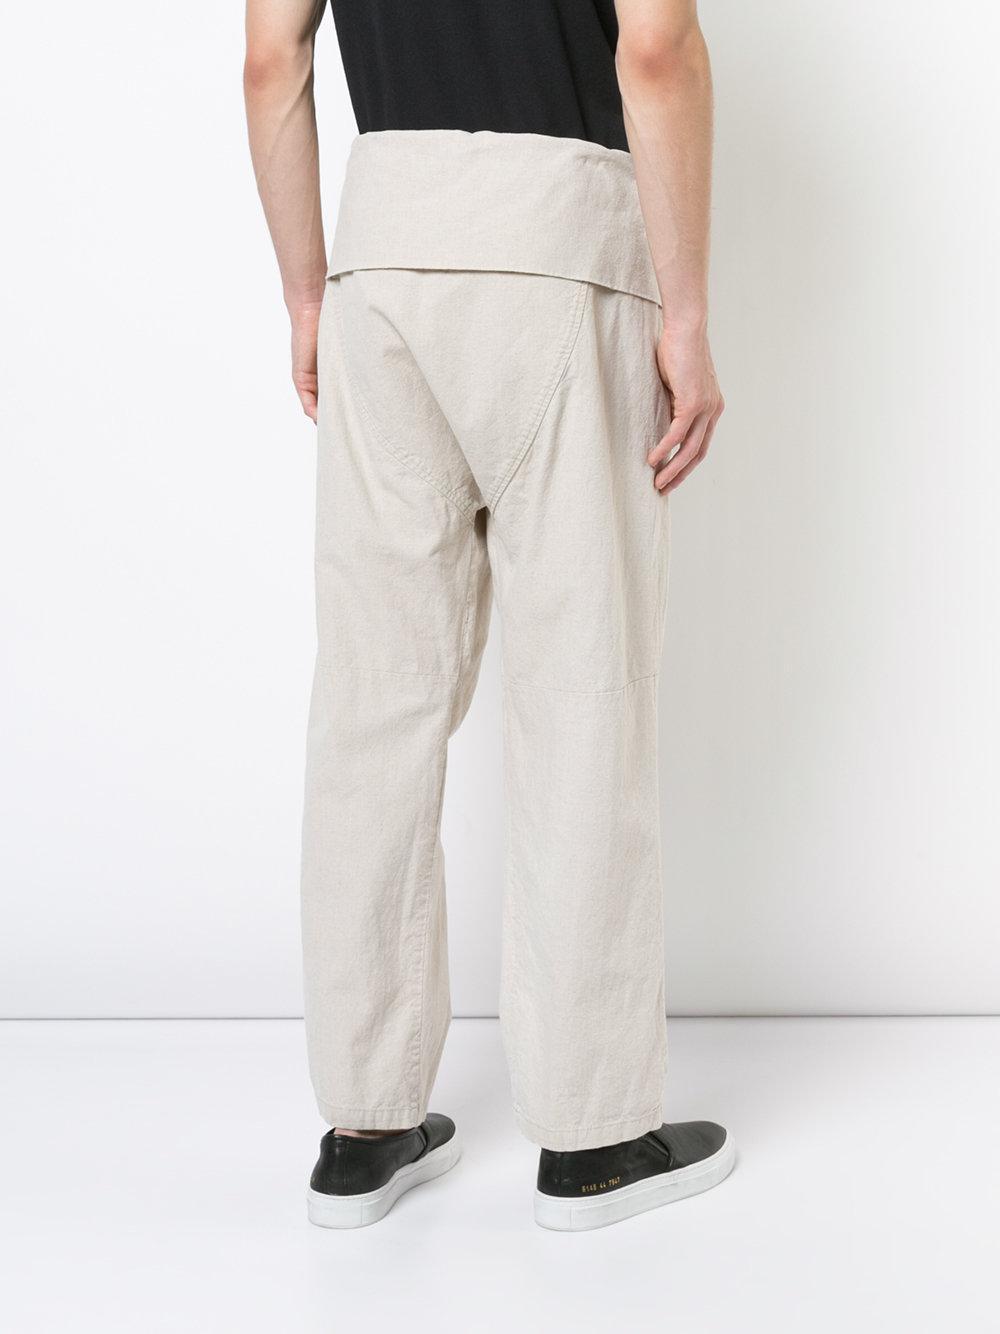 Osklen Linen X Tarsila Folded Waistband Straight Leg Trousers in Natural for Men